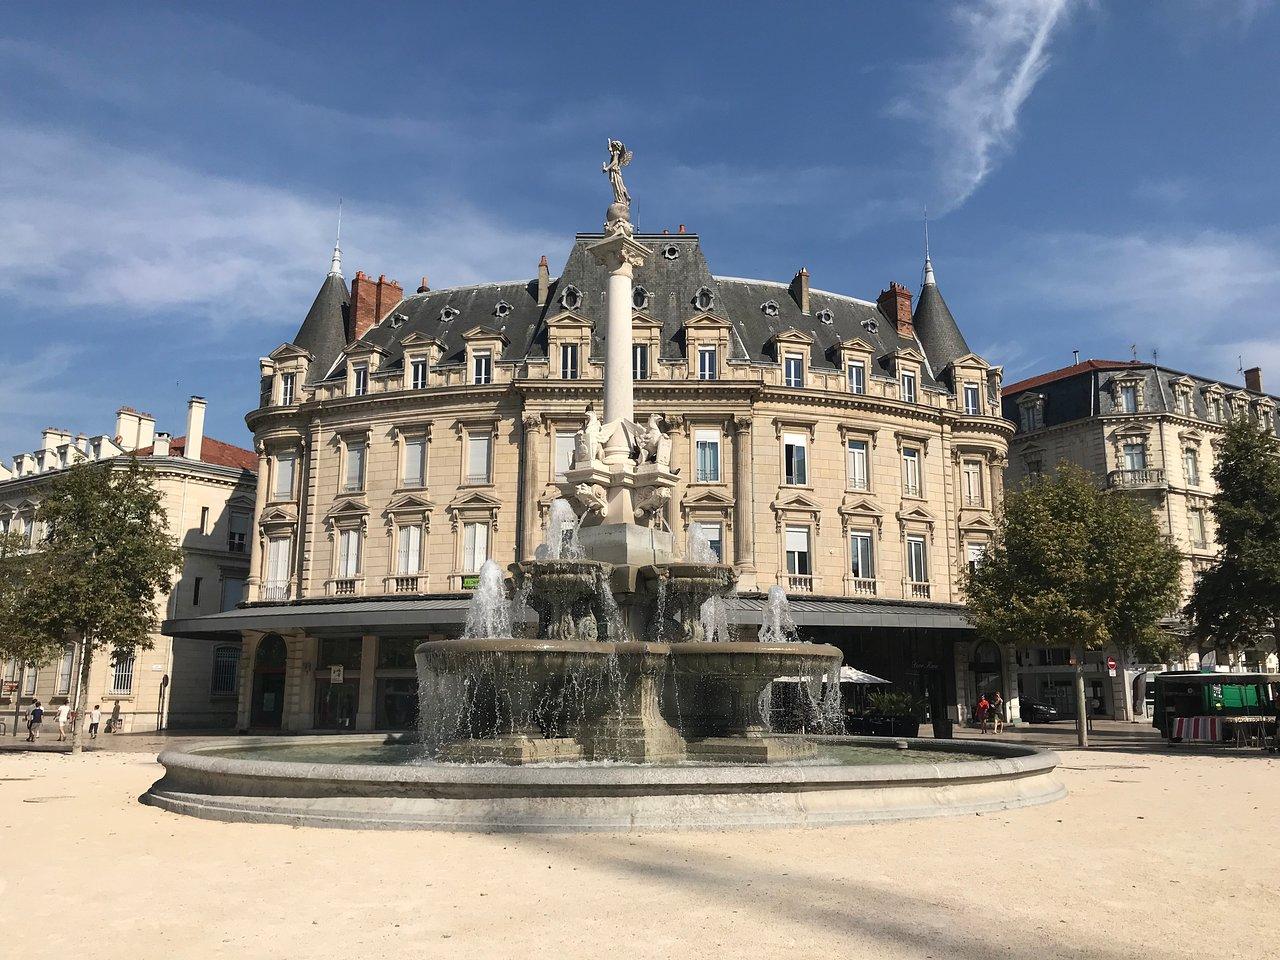 Fontaine Monumentale (Valence) : 2020 Ce qu'il faut savoir pour votre visite - Tripadvisor